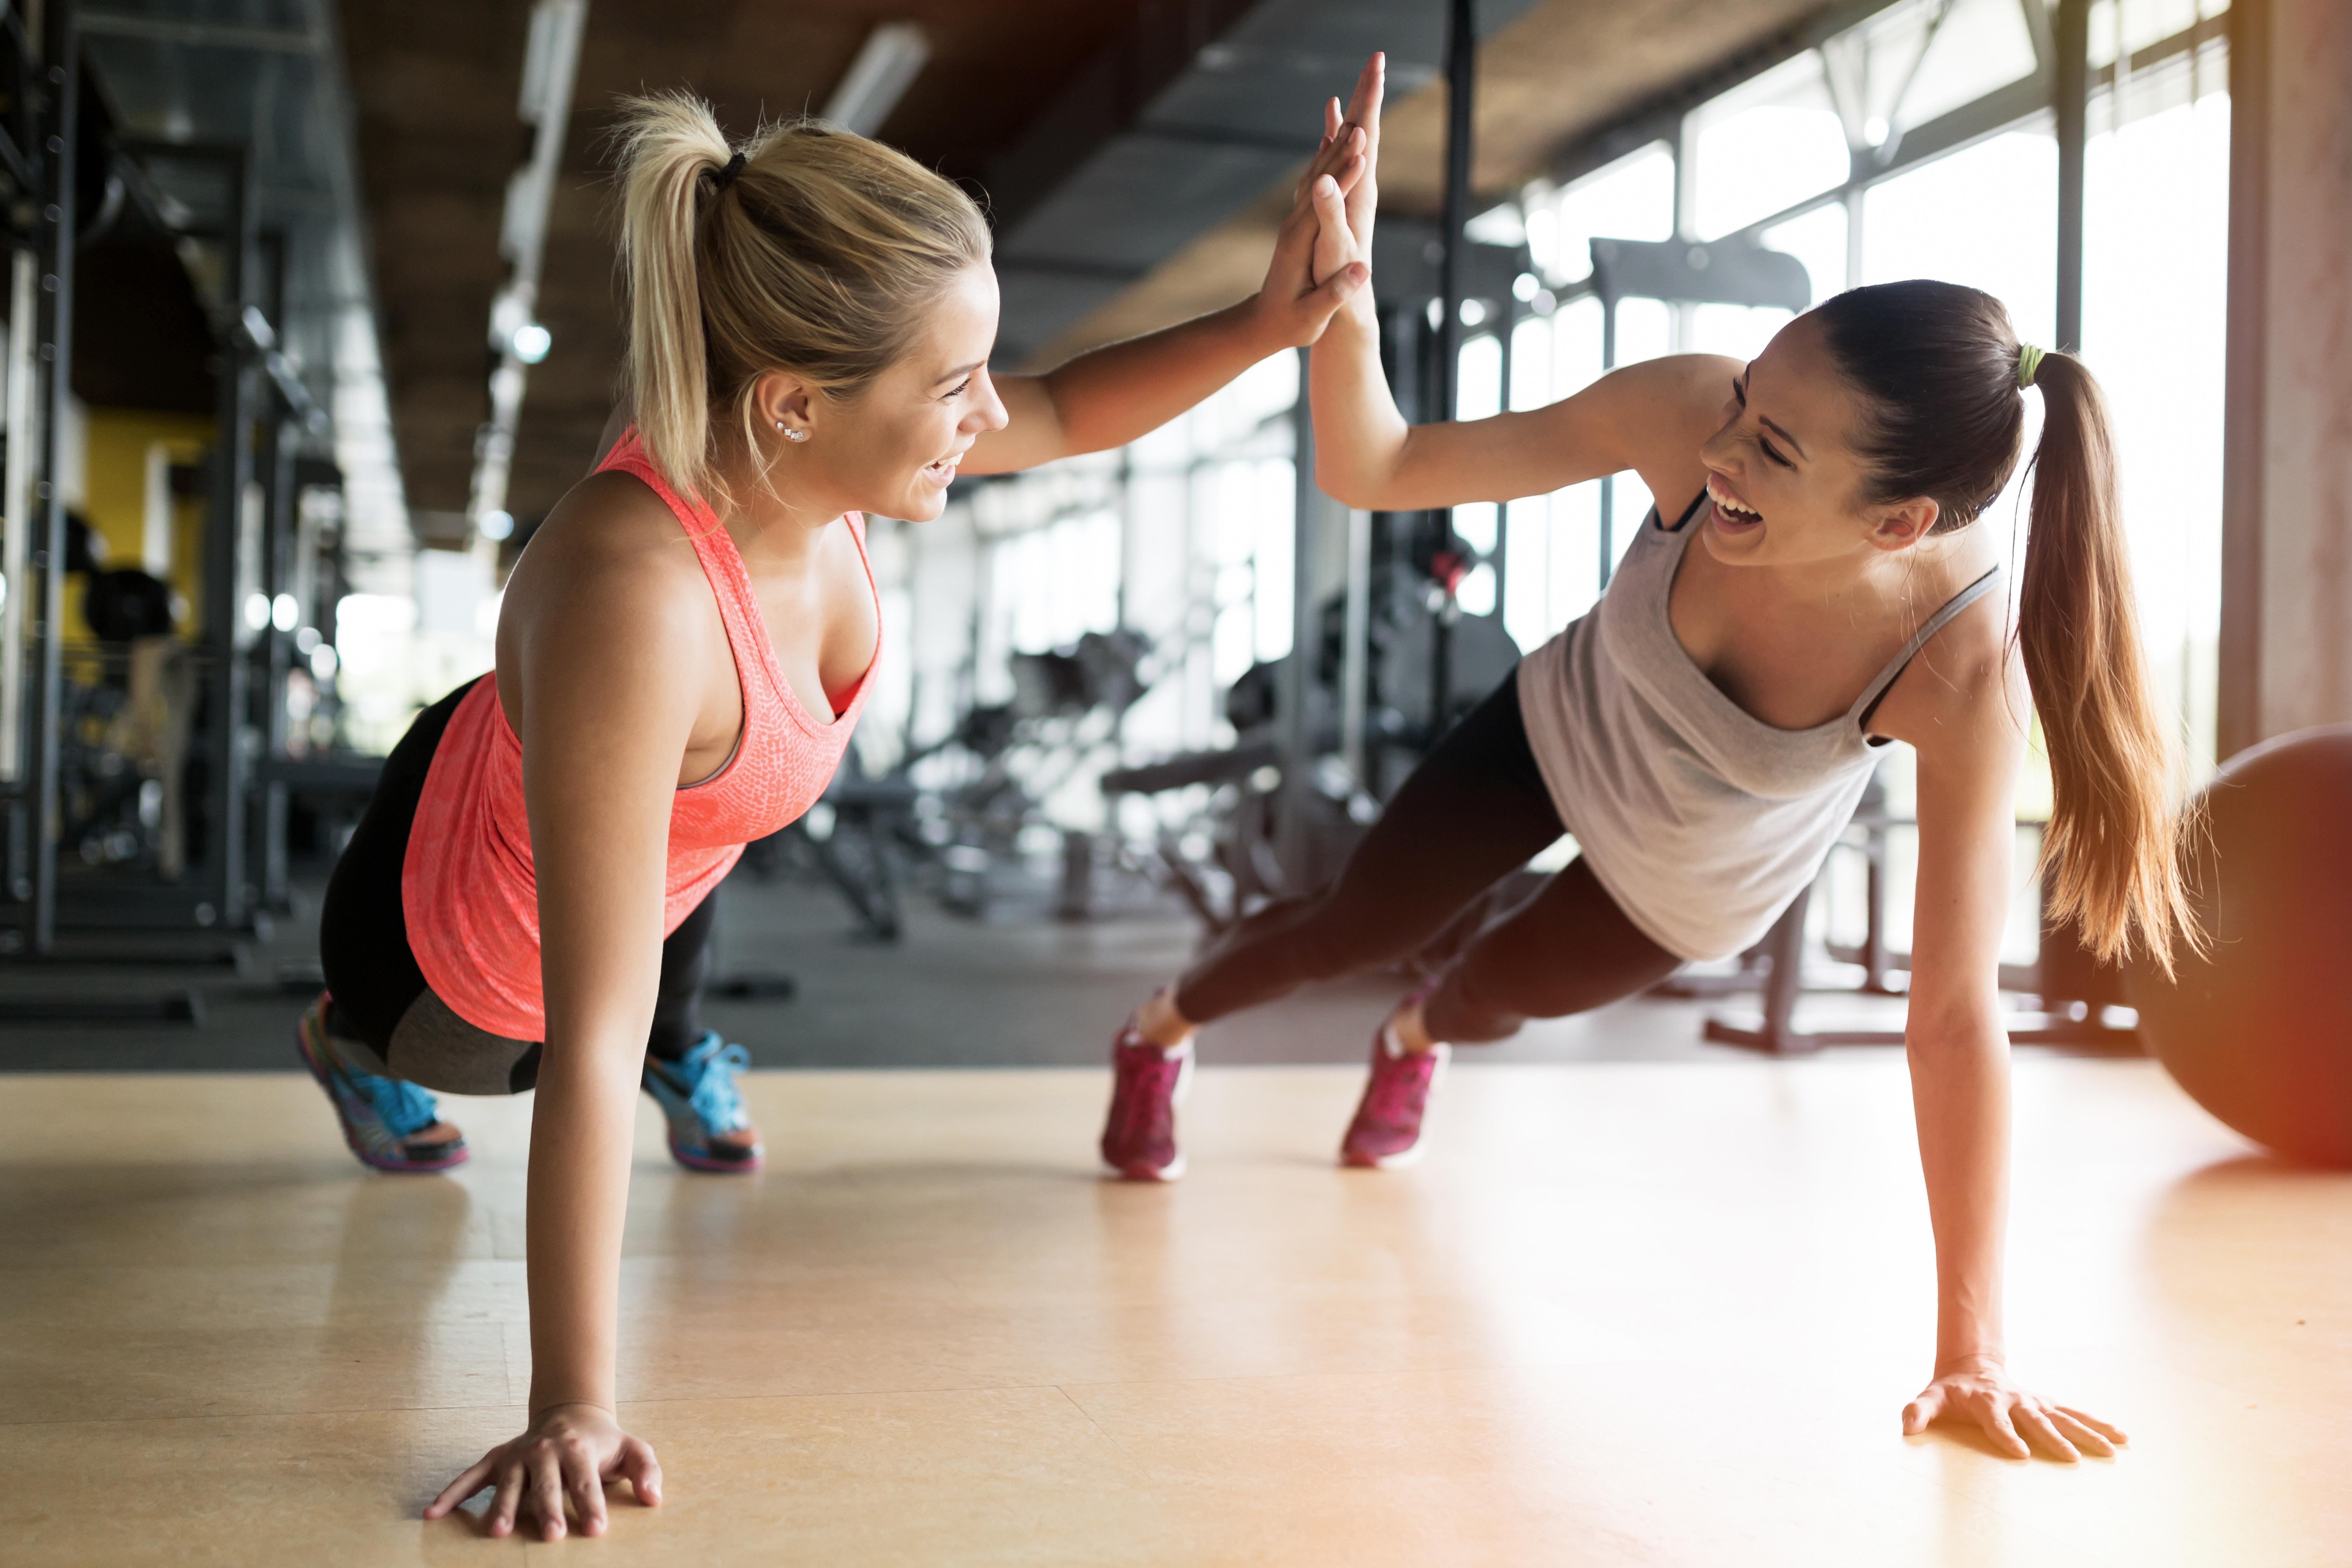 トレーニング中の女性2人